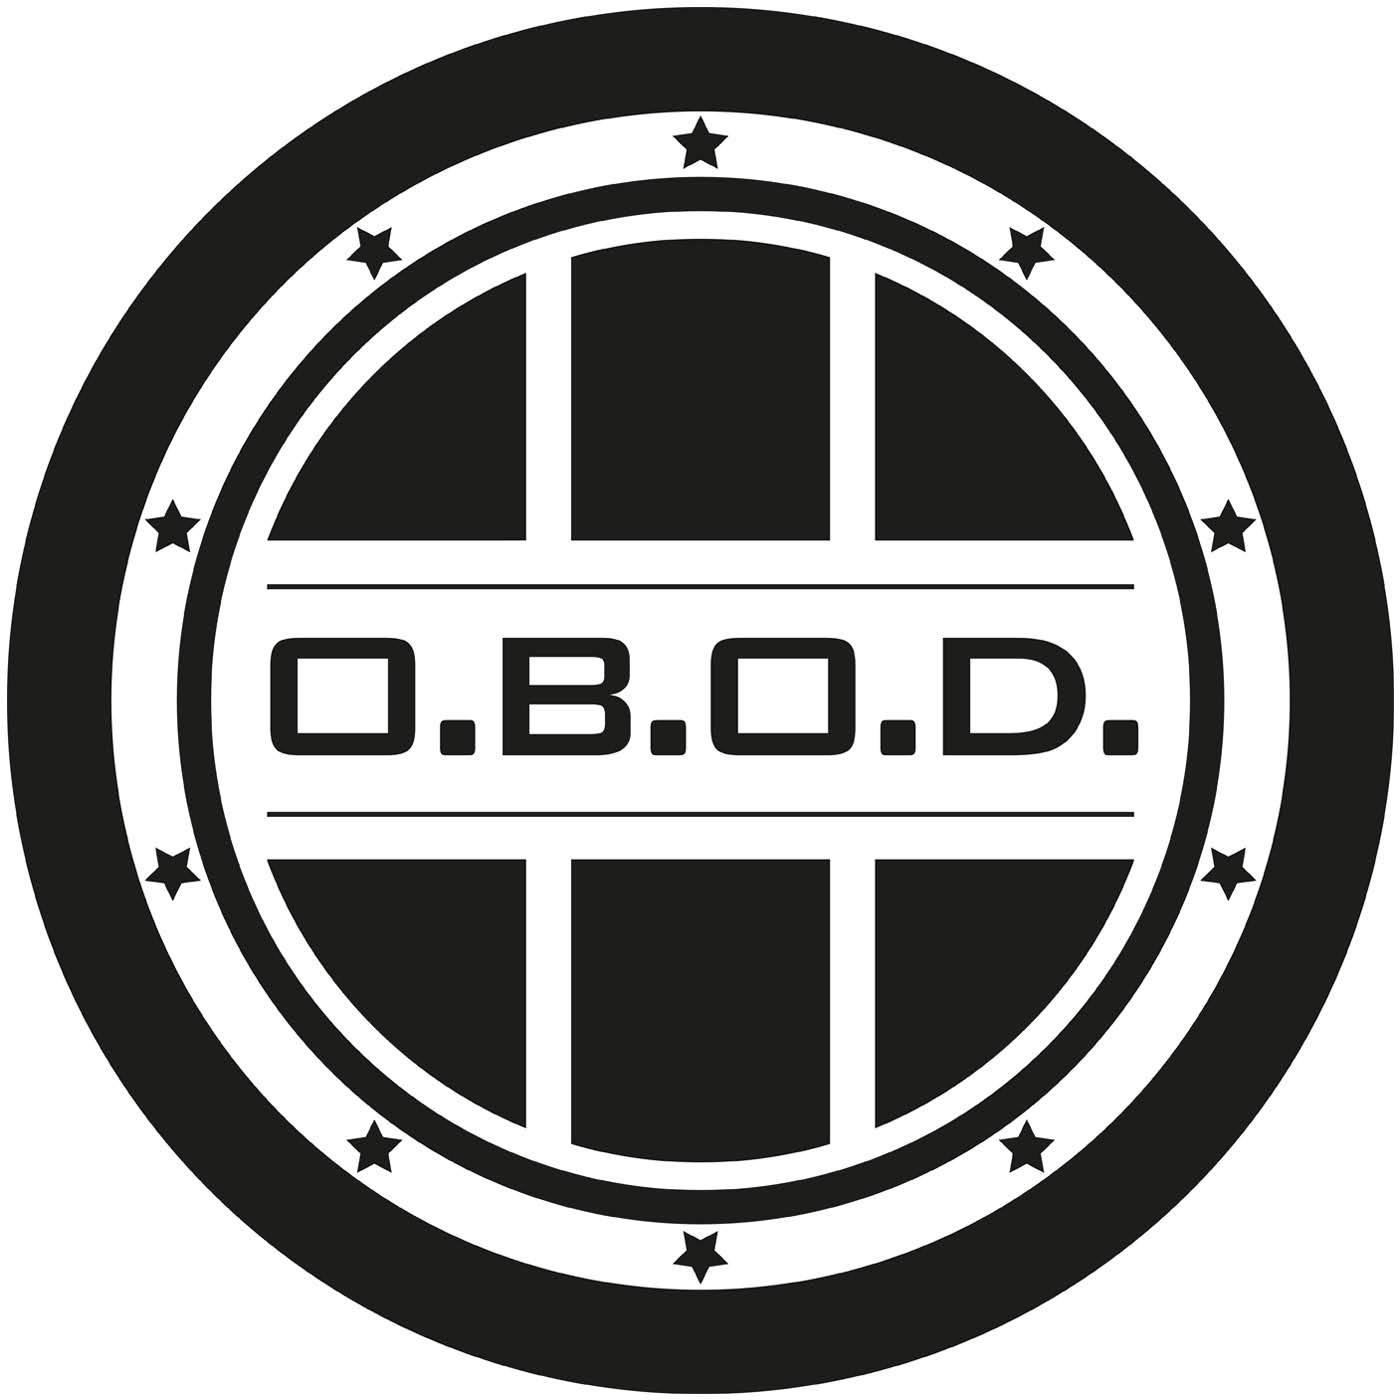 O.B.O.D.